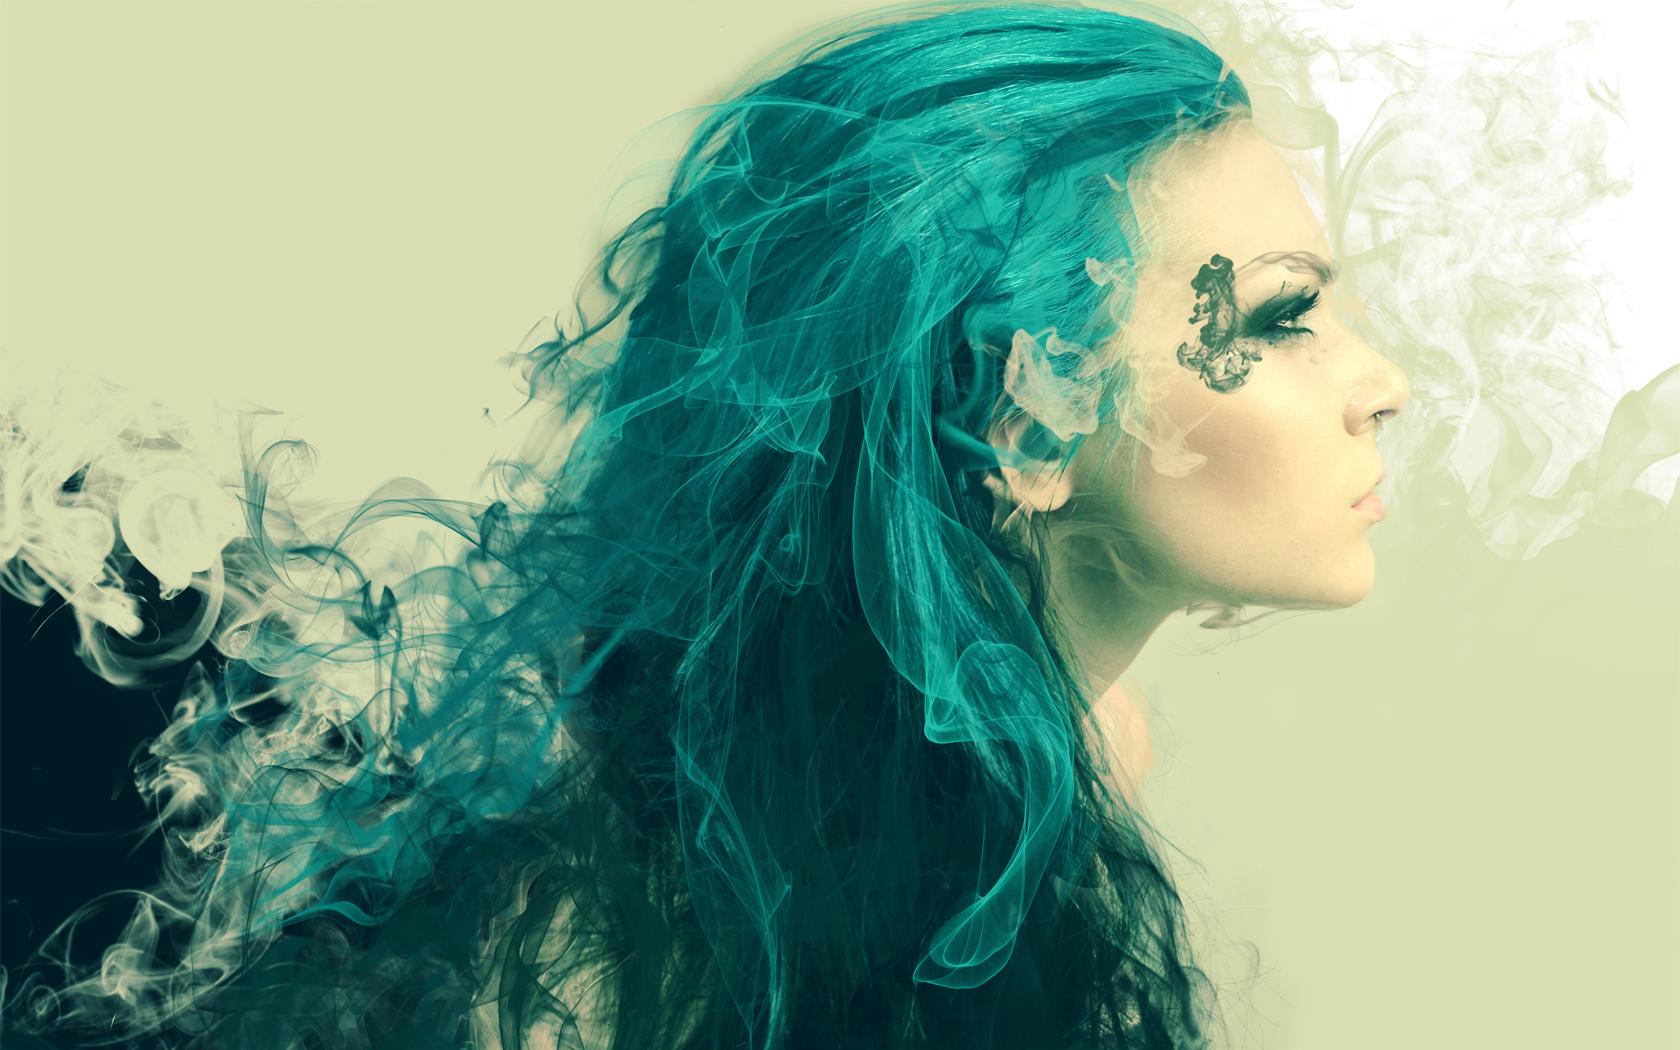 Blue Abstract Art | Women Abstract Design DeviantART Blue Hair ...